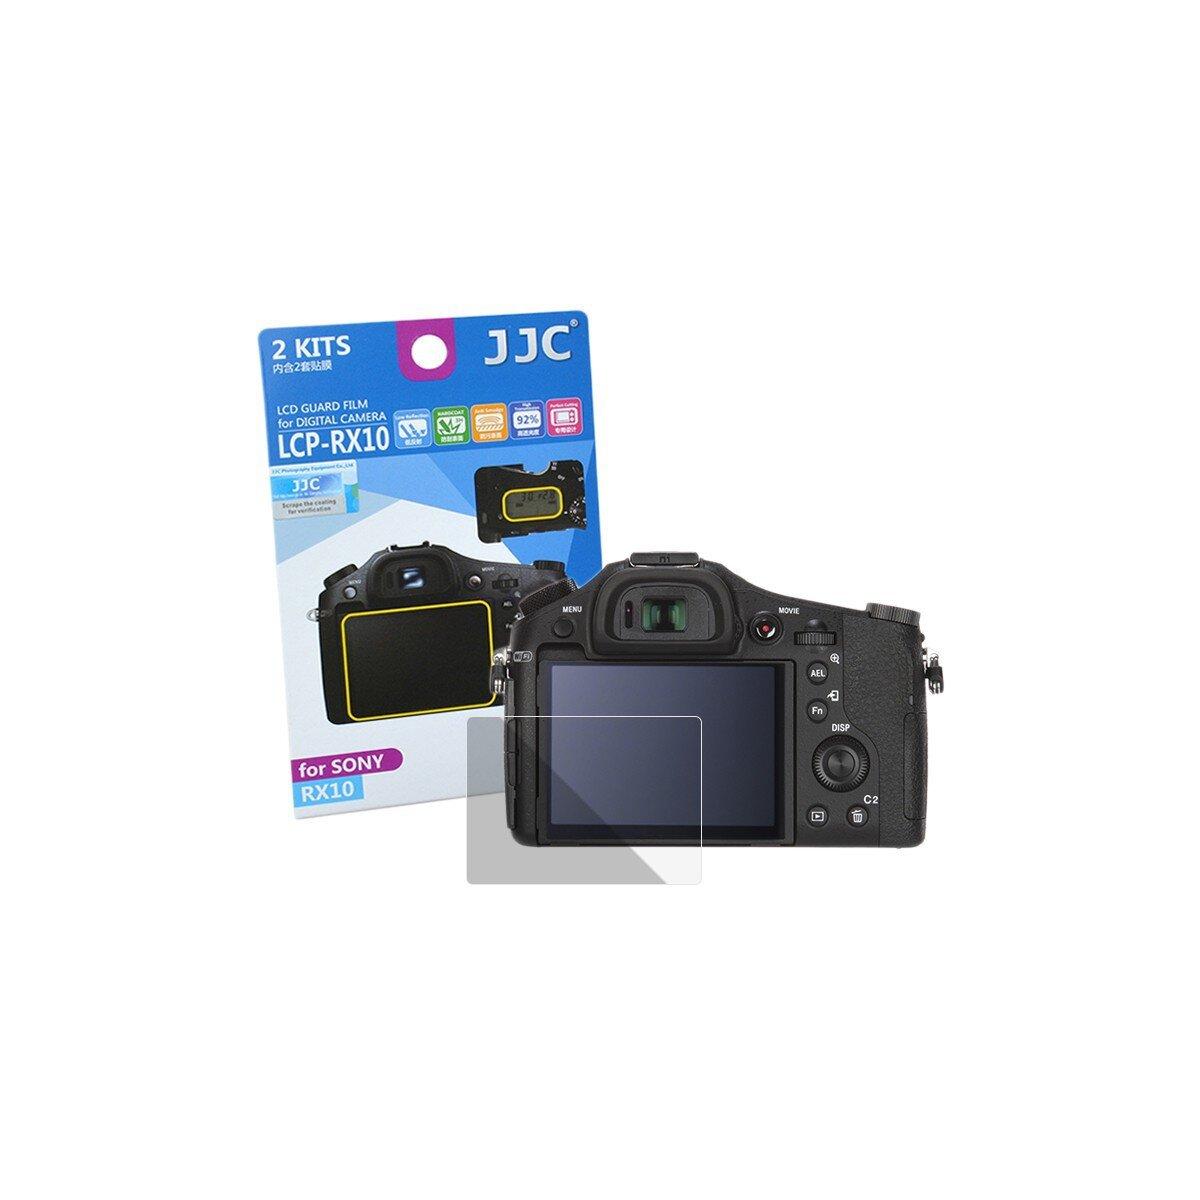 JJC Displayschutzfolie Screen Protector Kratzschutz passgenau kompatibel mit Sony RX10 - LCP-RX10